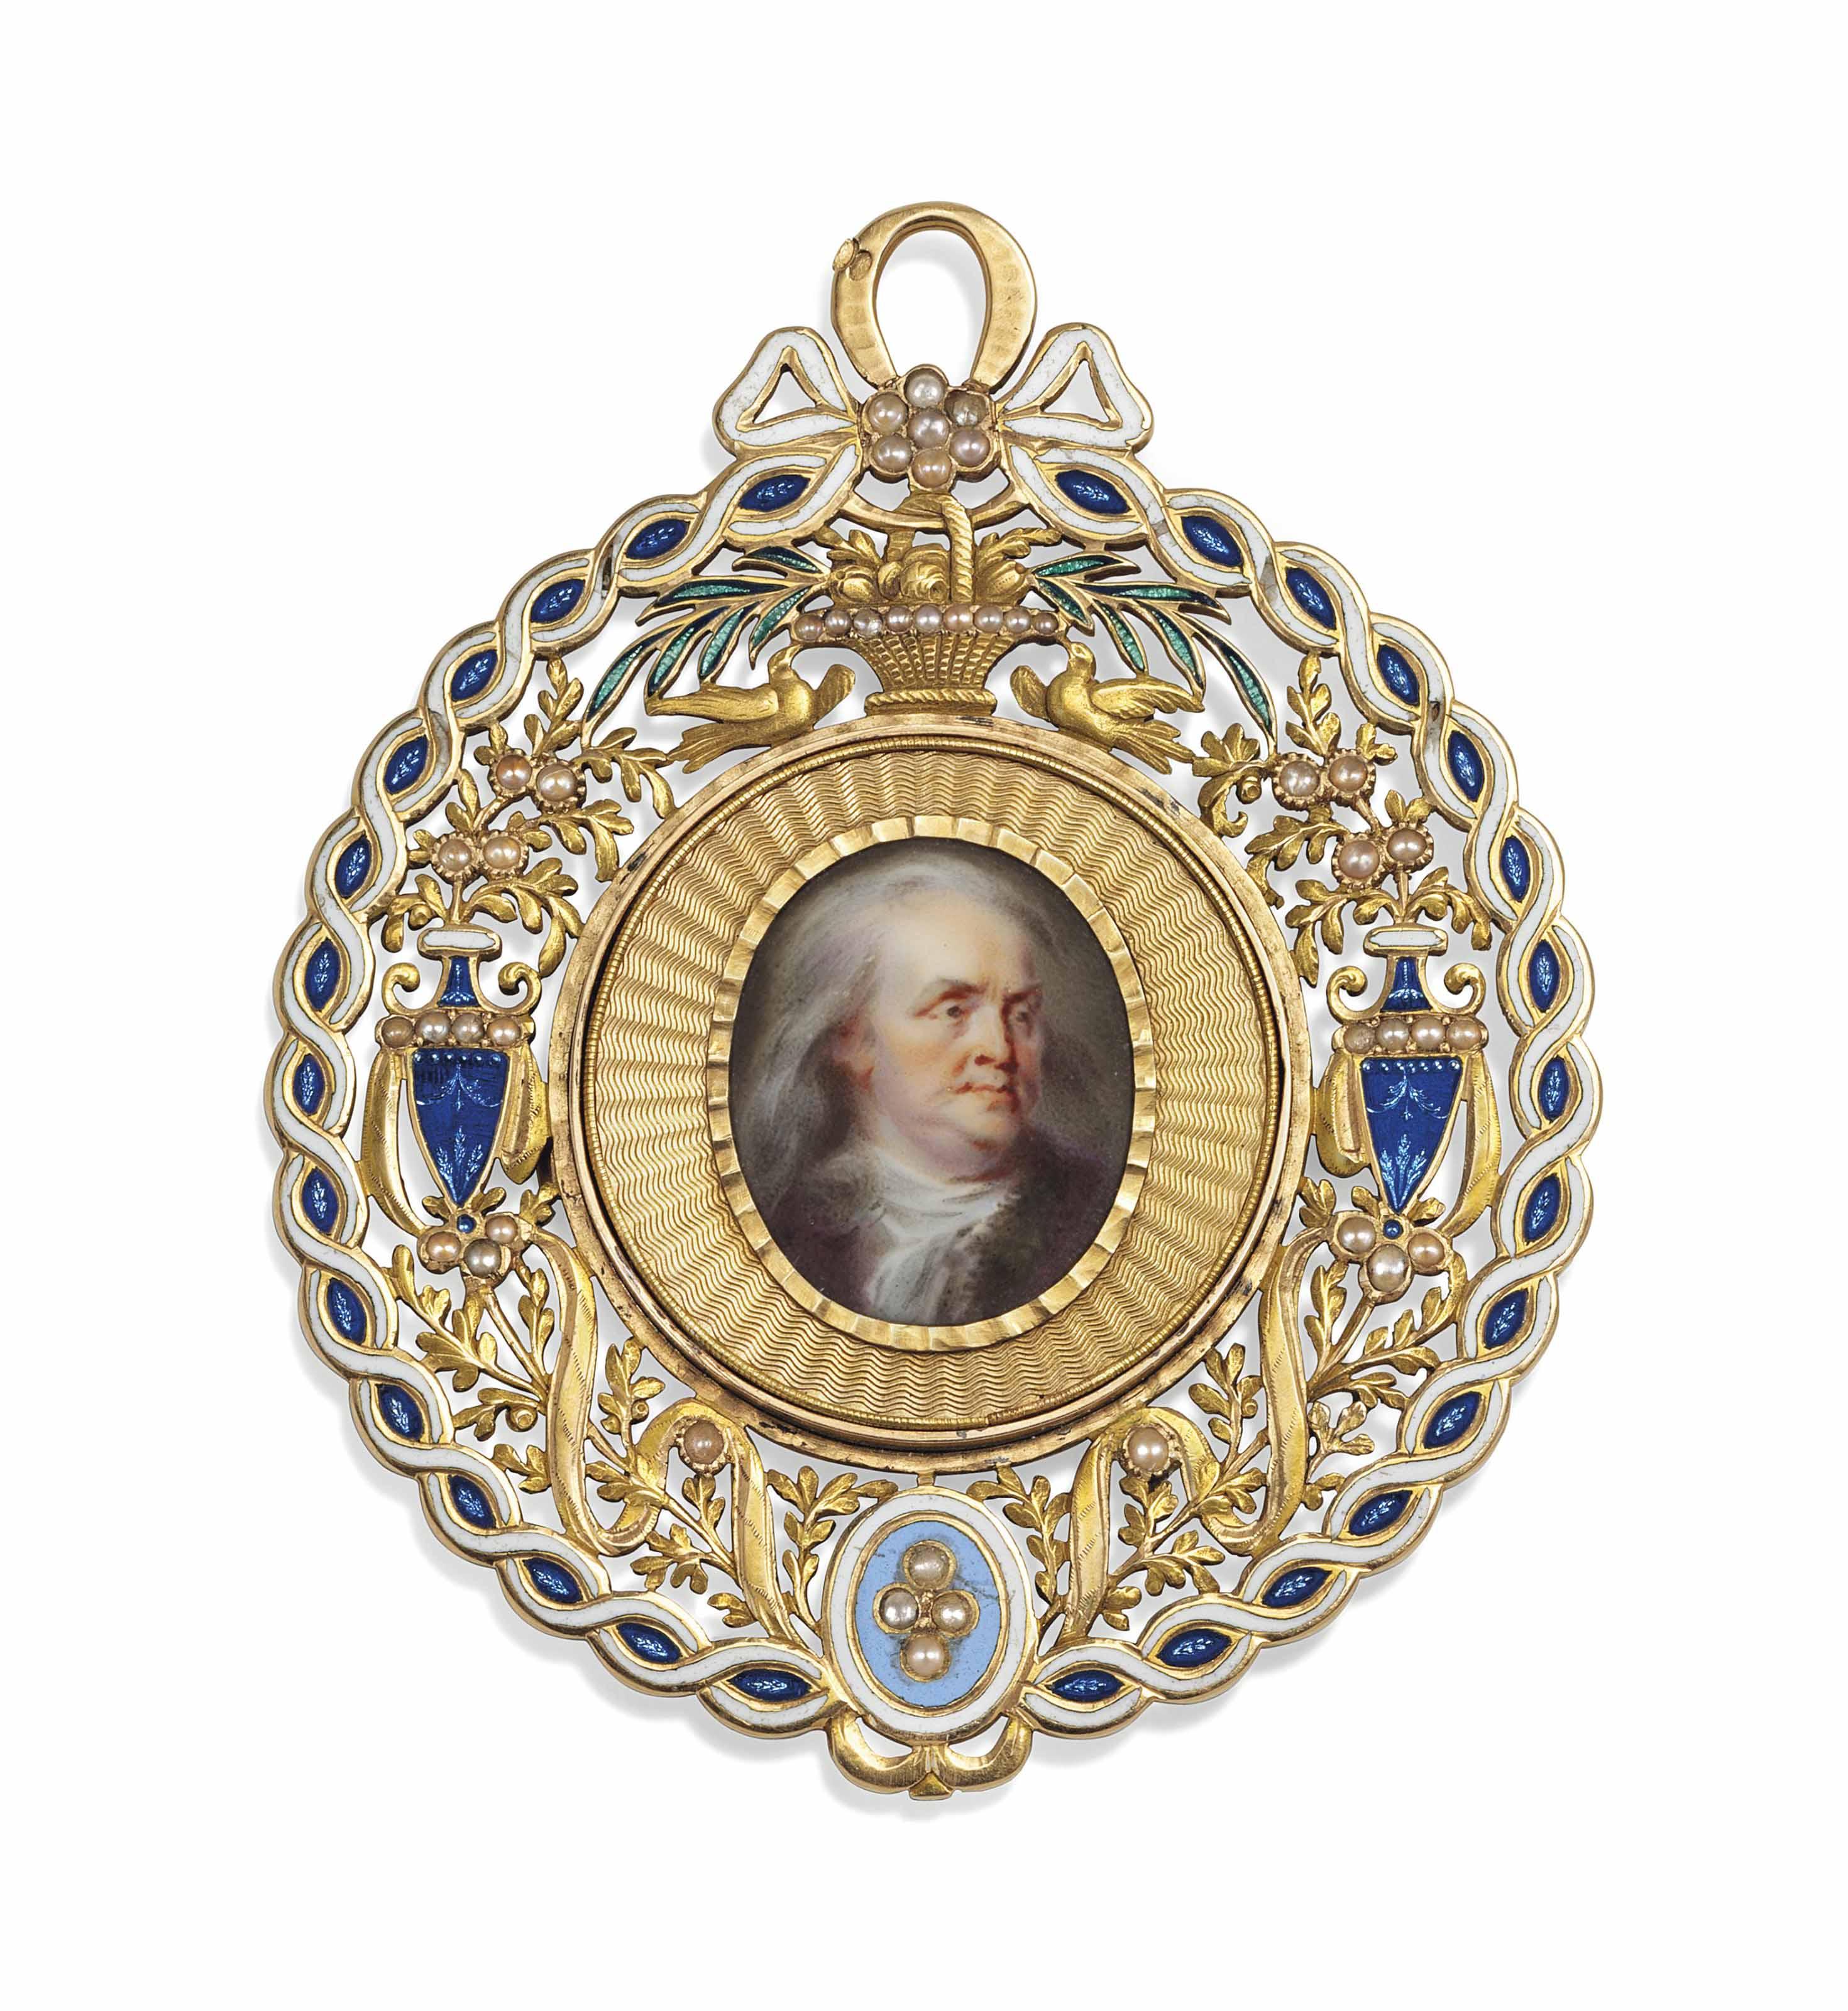 JEAN-BAPTISTE WEYLER (FRENCH, 1747-1791)